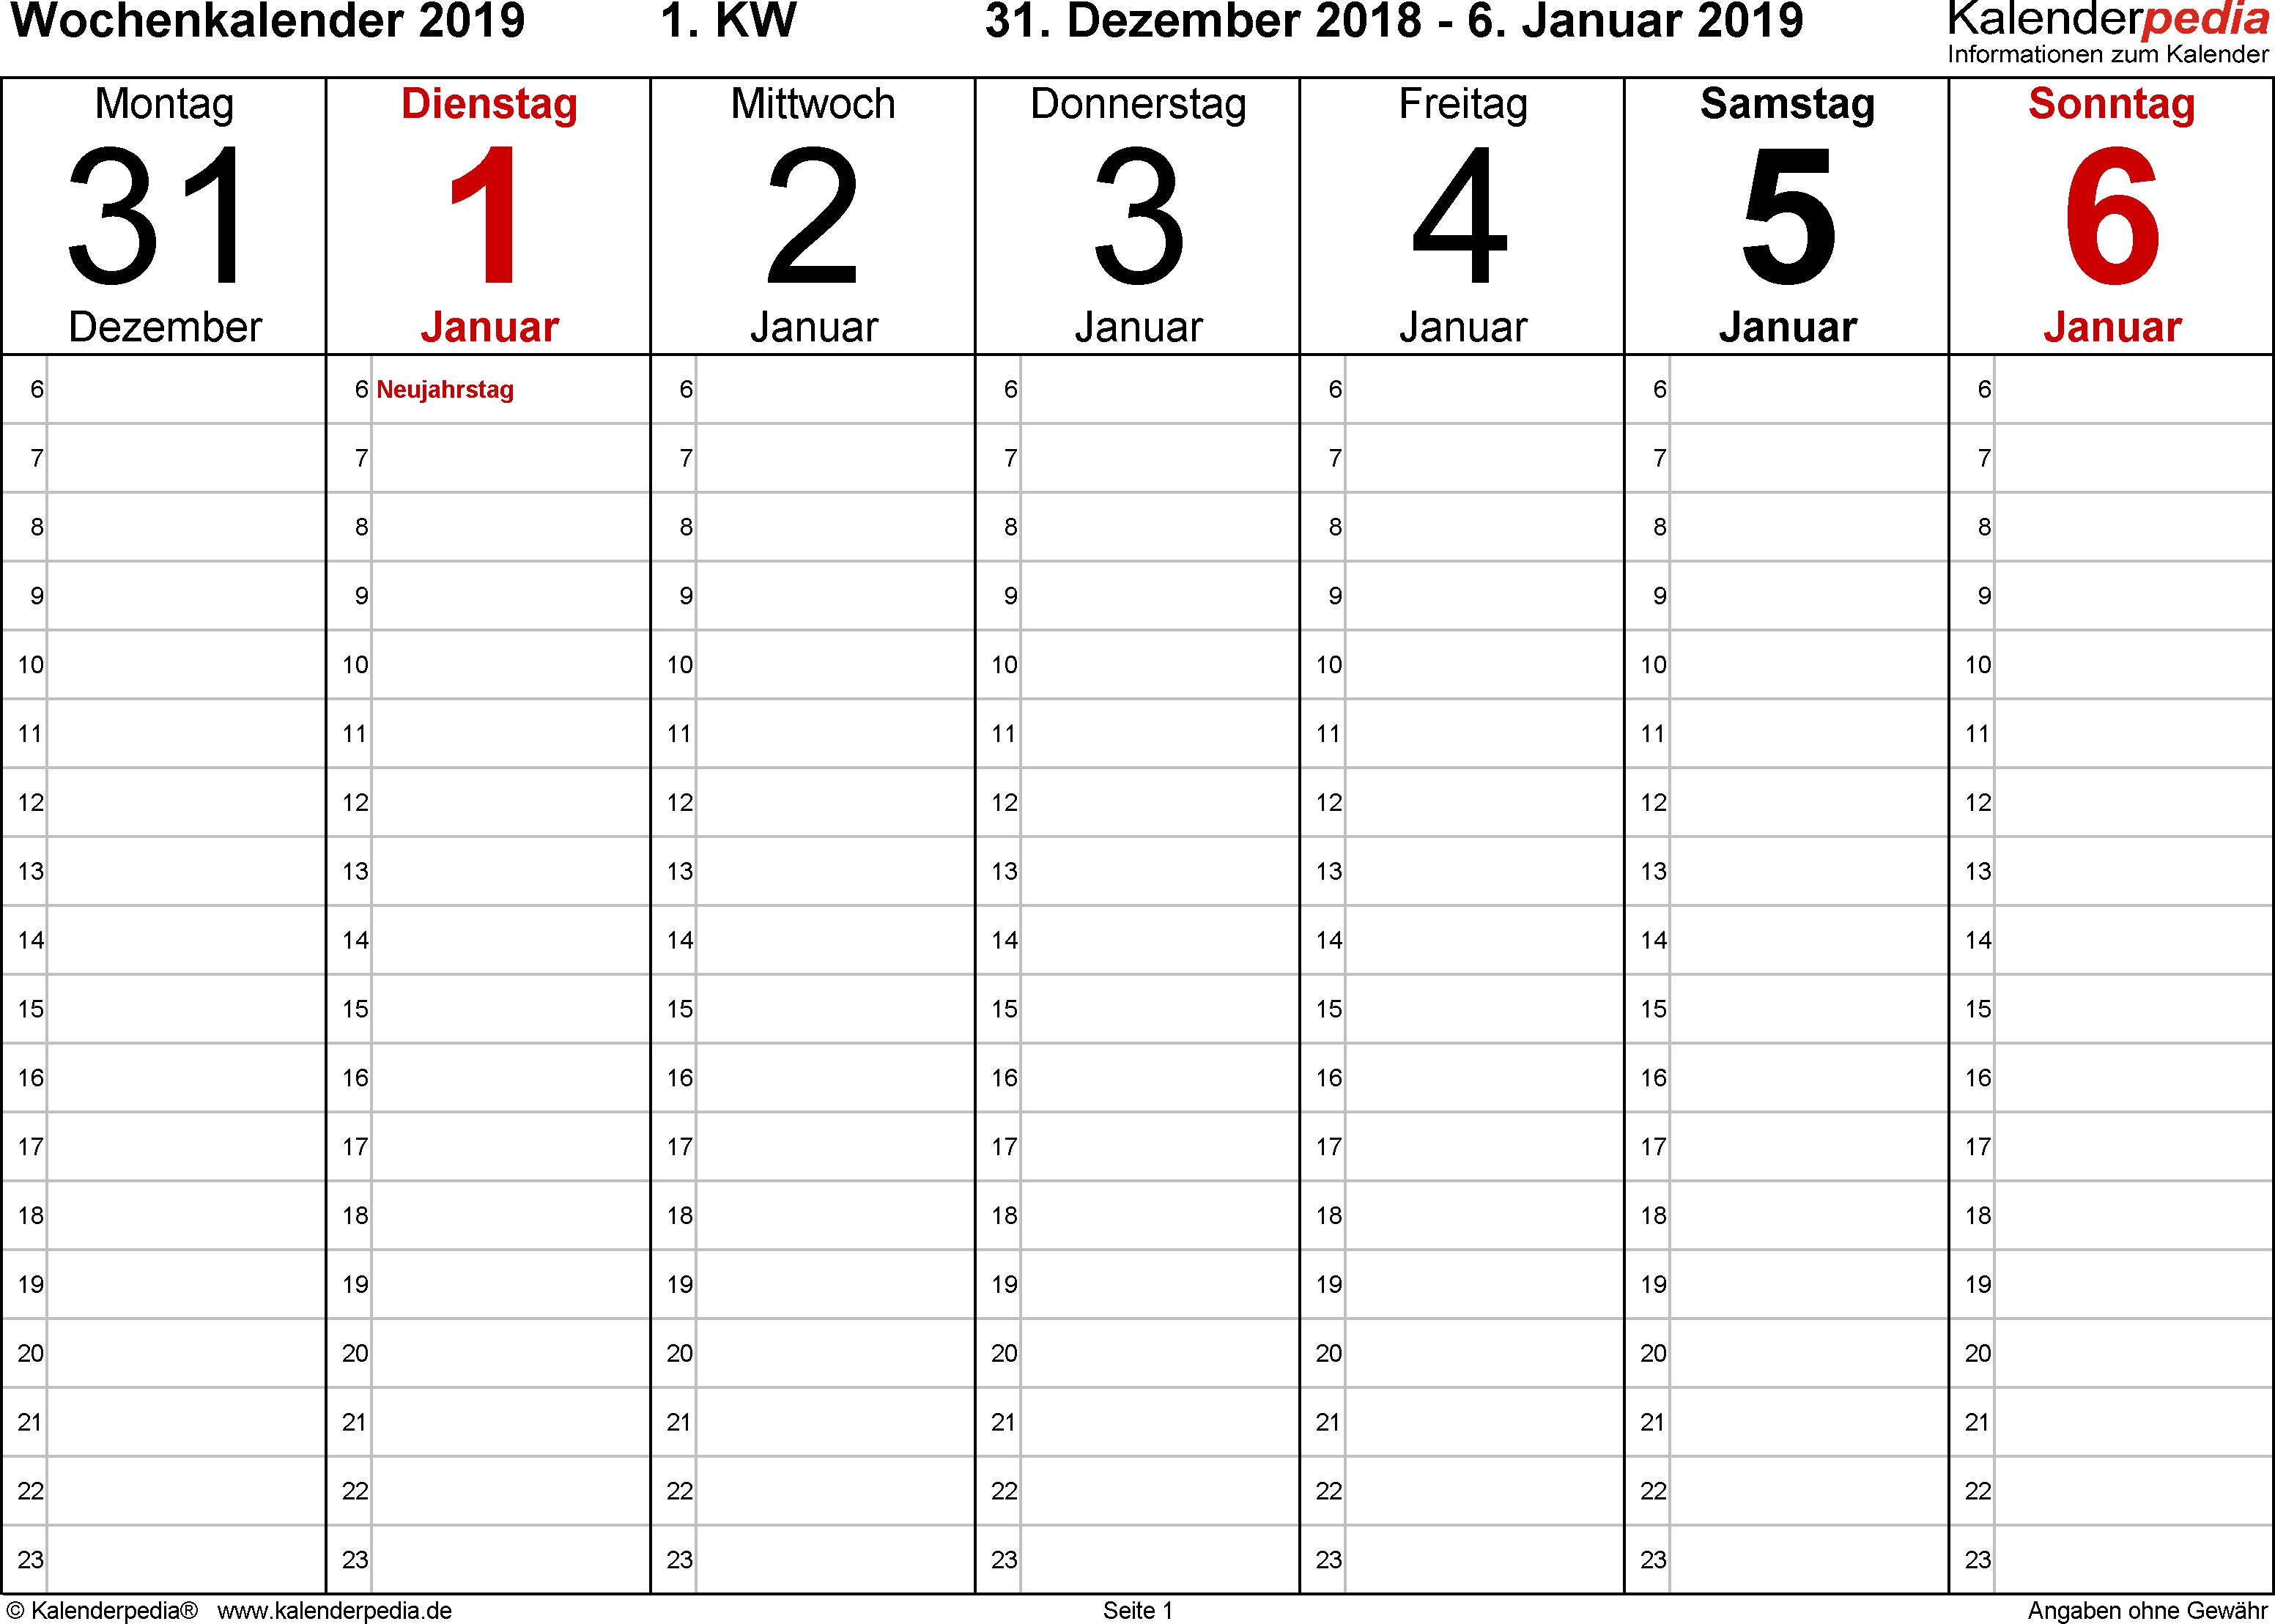 Wochenkalender 2019